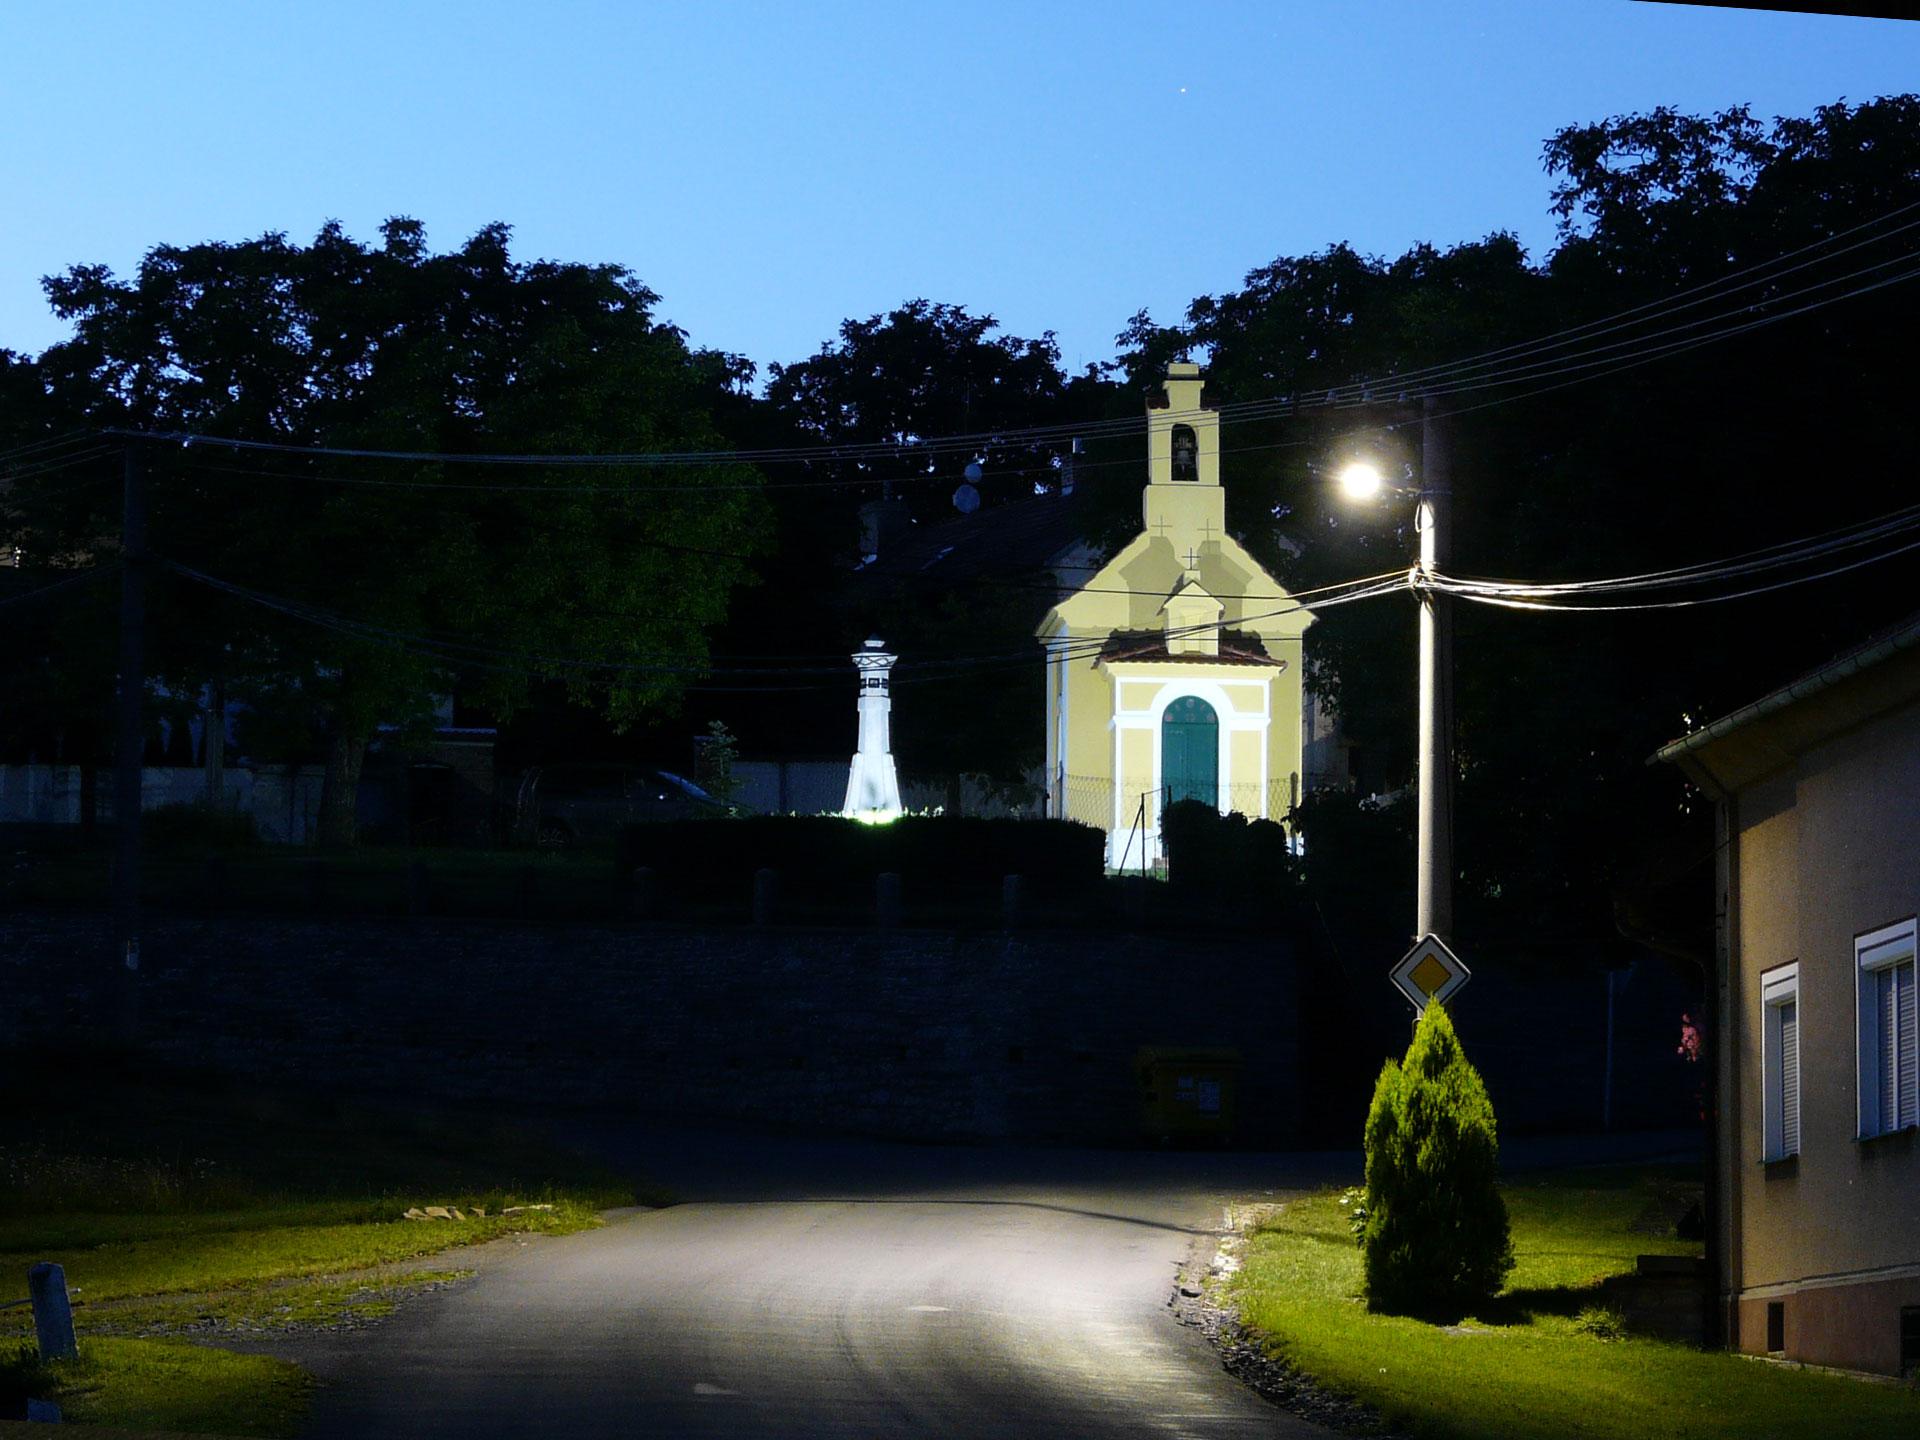 Výměna veřejného osvětlení v obci Korno